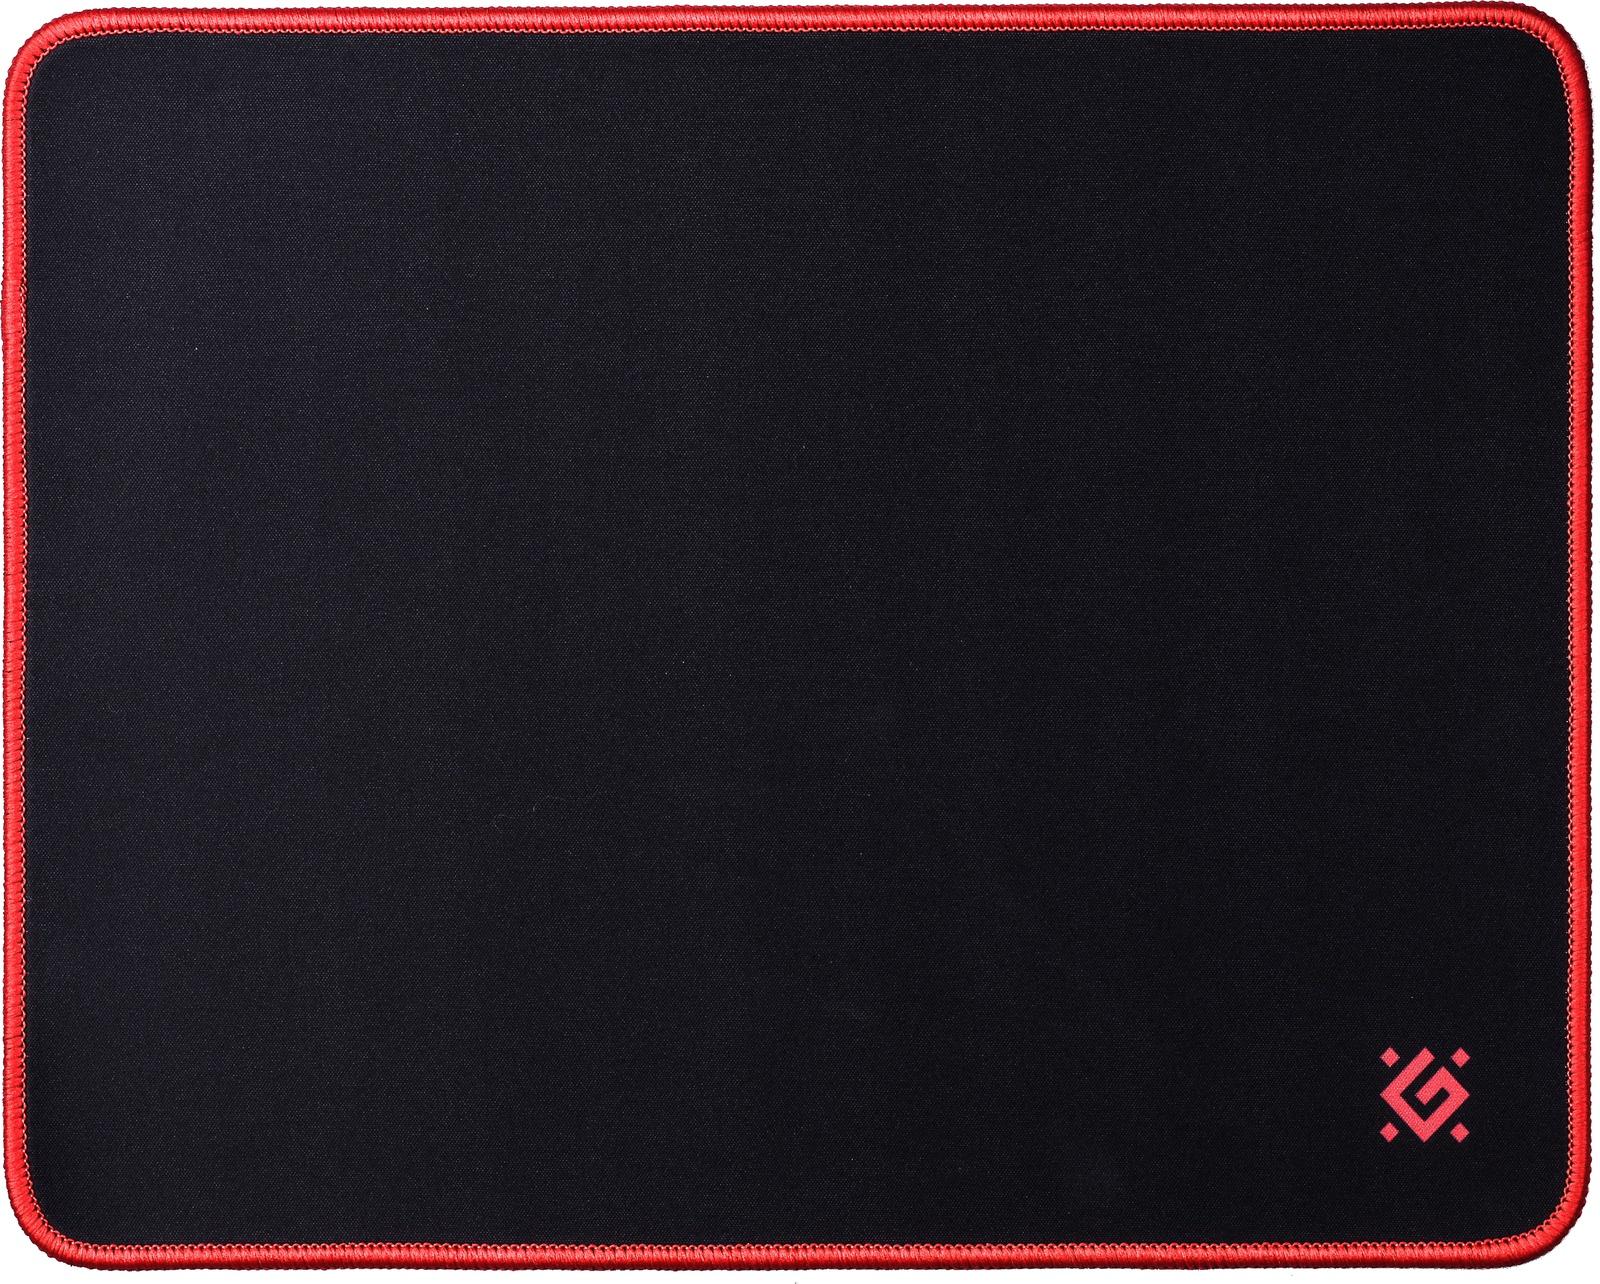 лучшая цена Игровой коврик для мыши Defender Black, 50560, черный